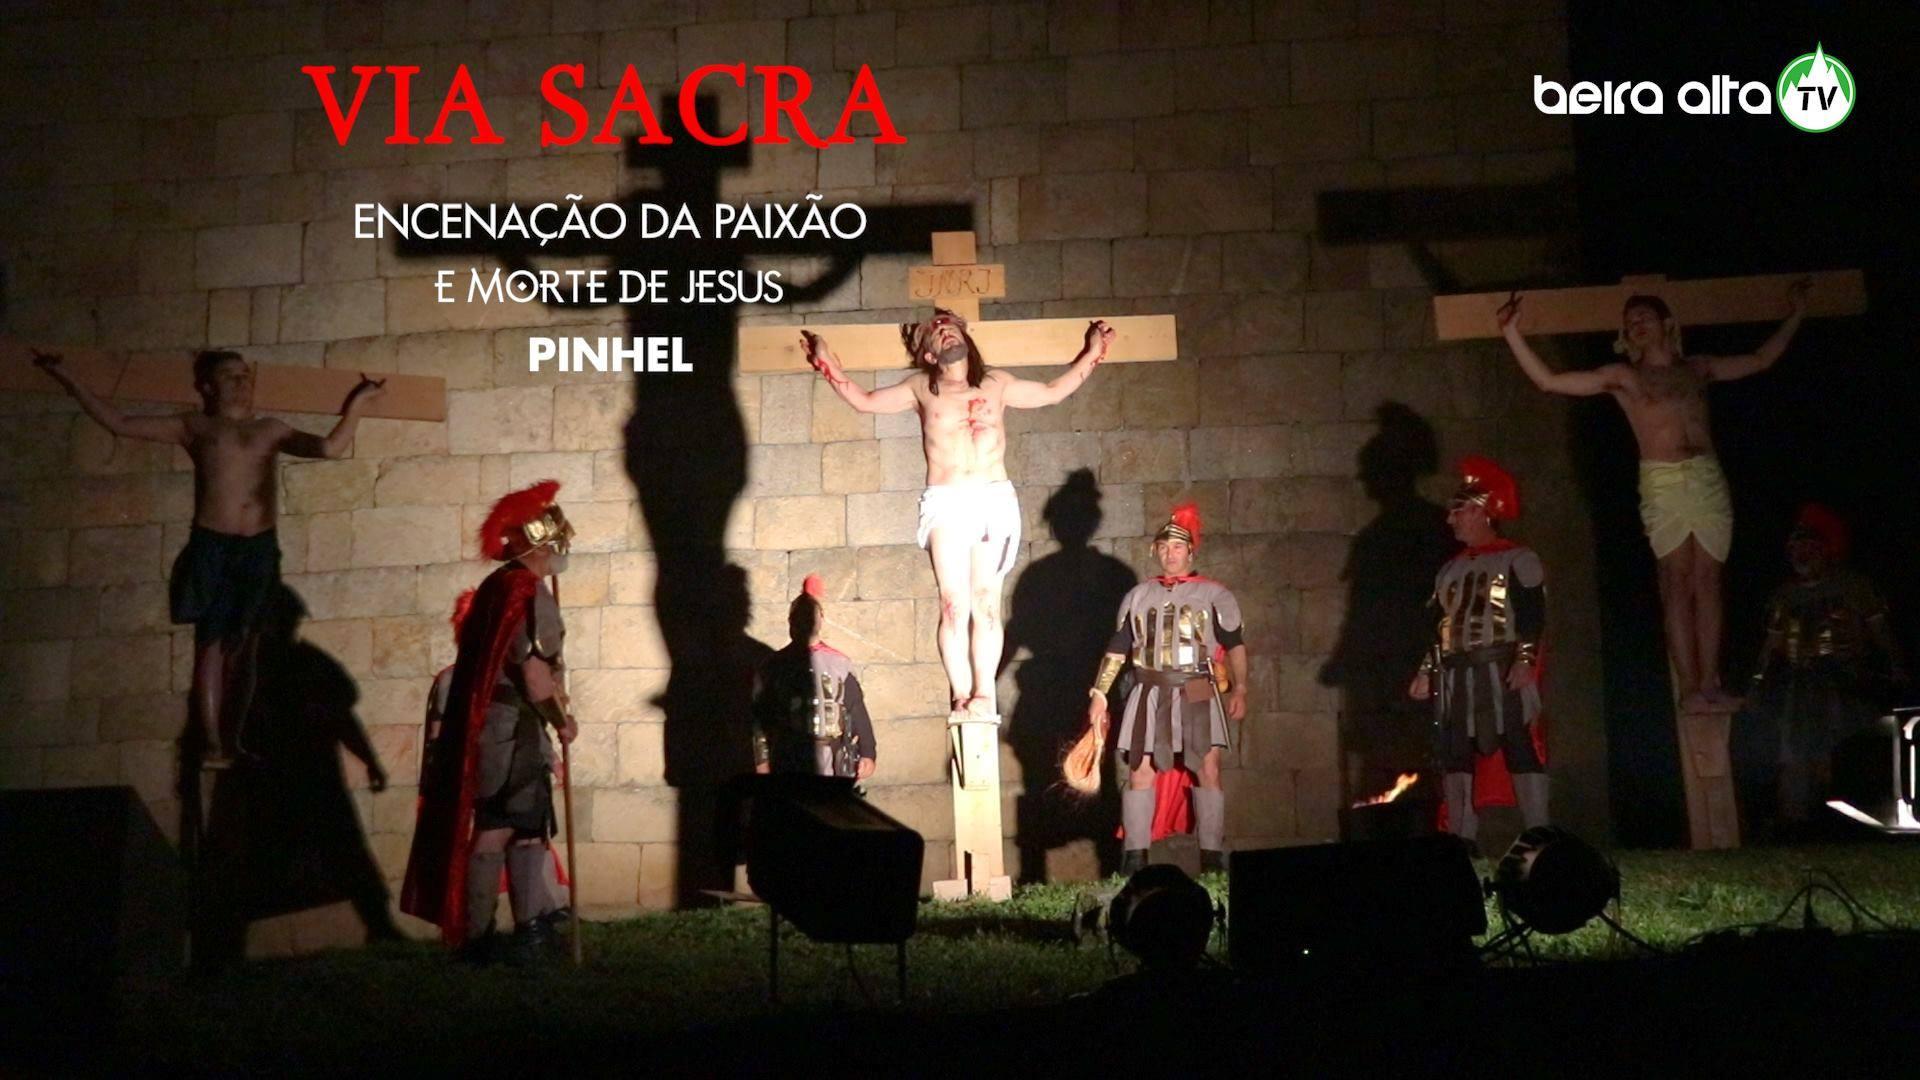 Encenação da Paixão e Morte de Jesus em Pinhel 🎥✝️